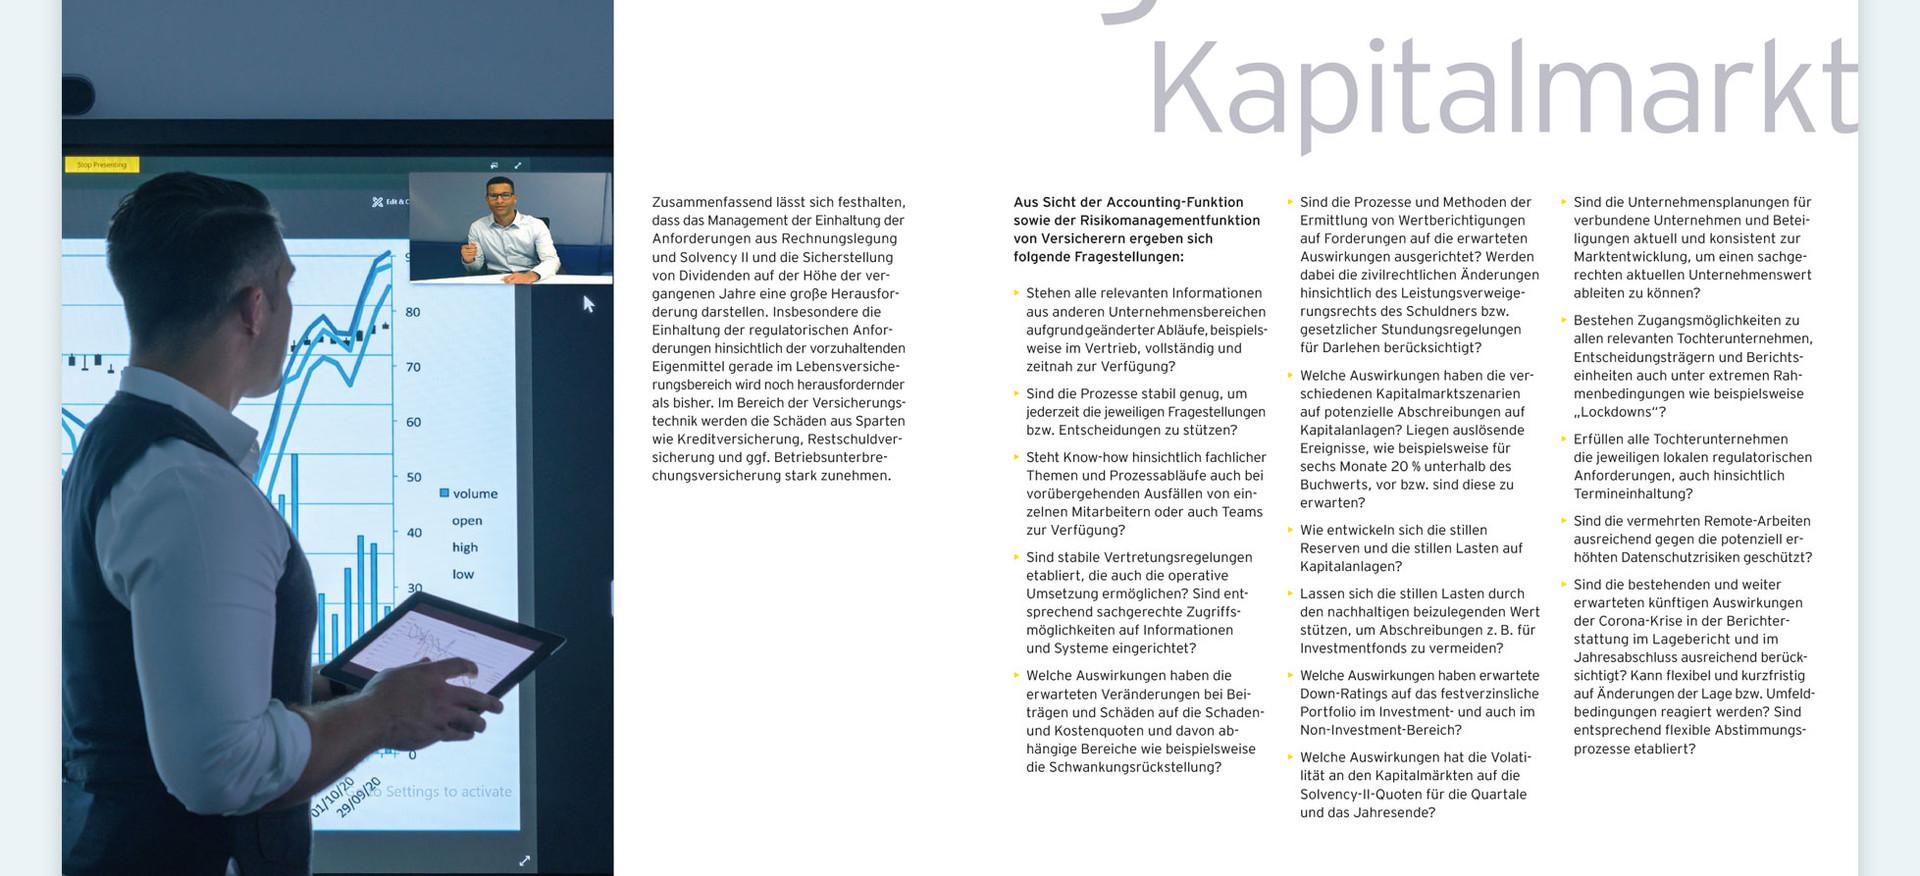 EY Broschüre – Corona: Auswirkungen auf die deutsche Versicherungsindustrie